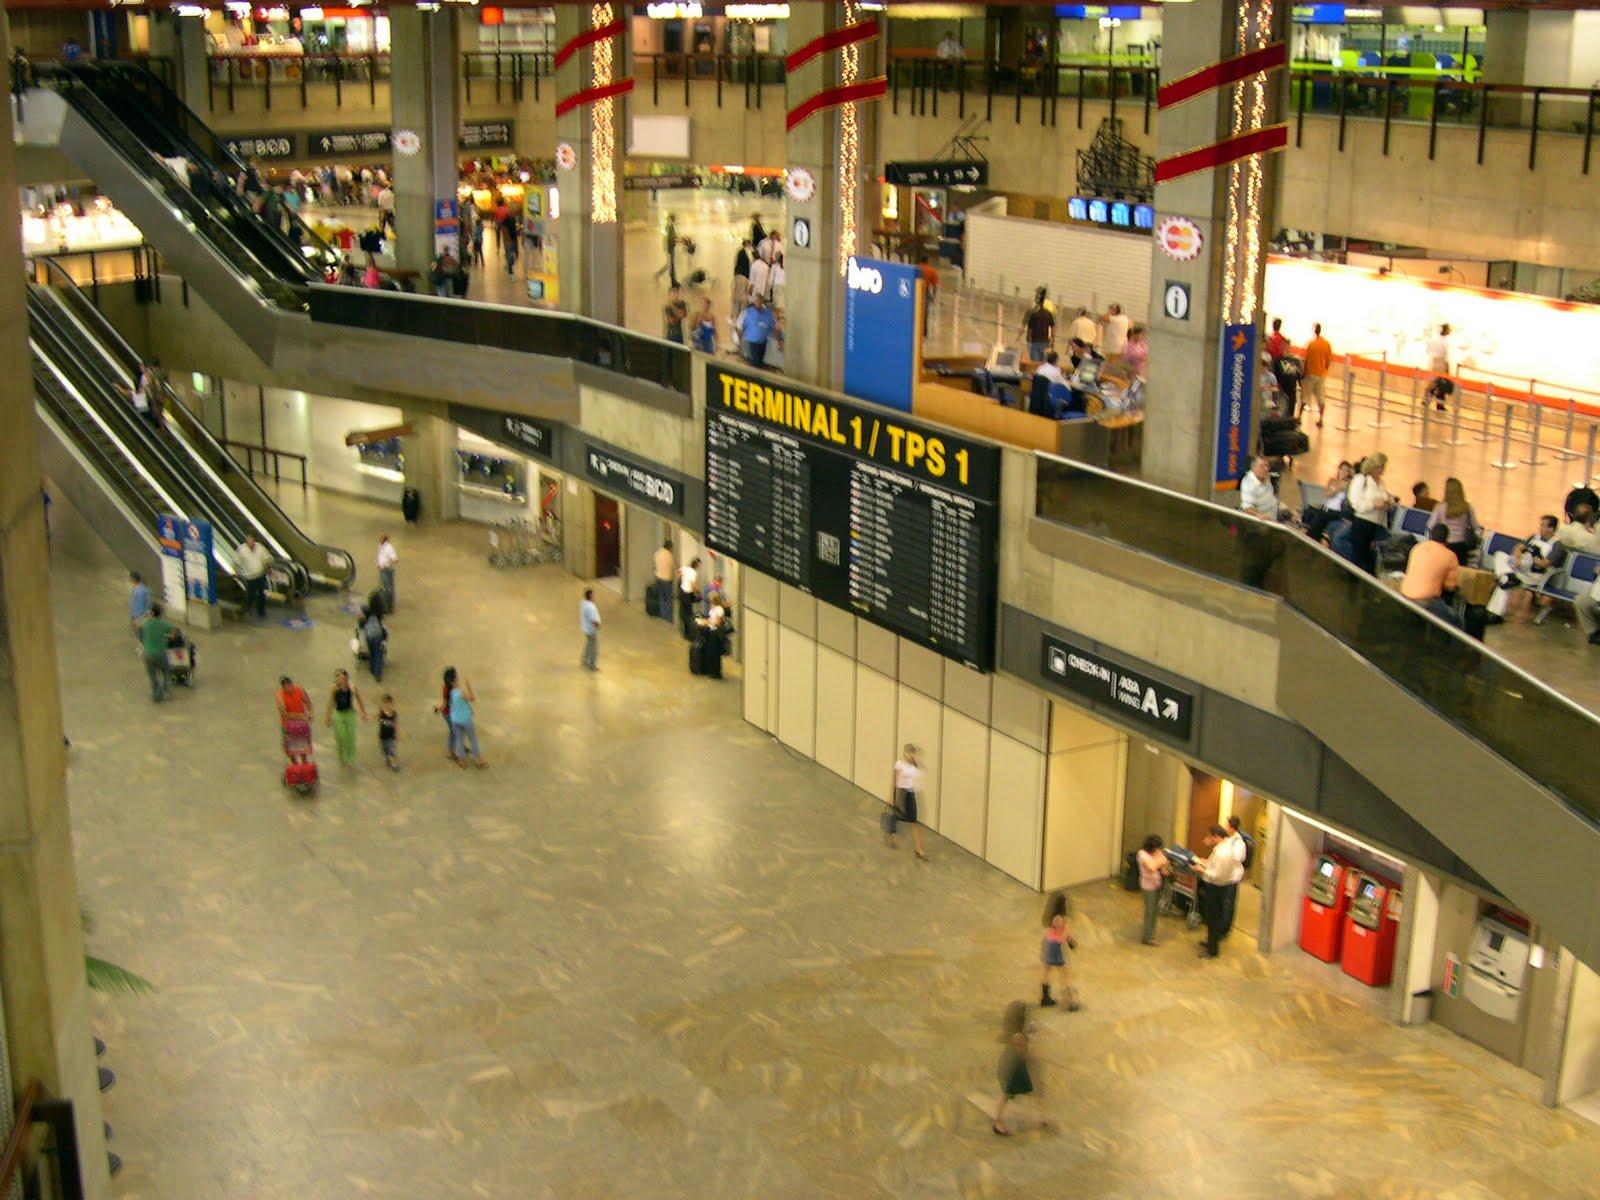 Aeroporto Guarulhos : De turista a viajante transfer porto e aeroporto